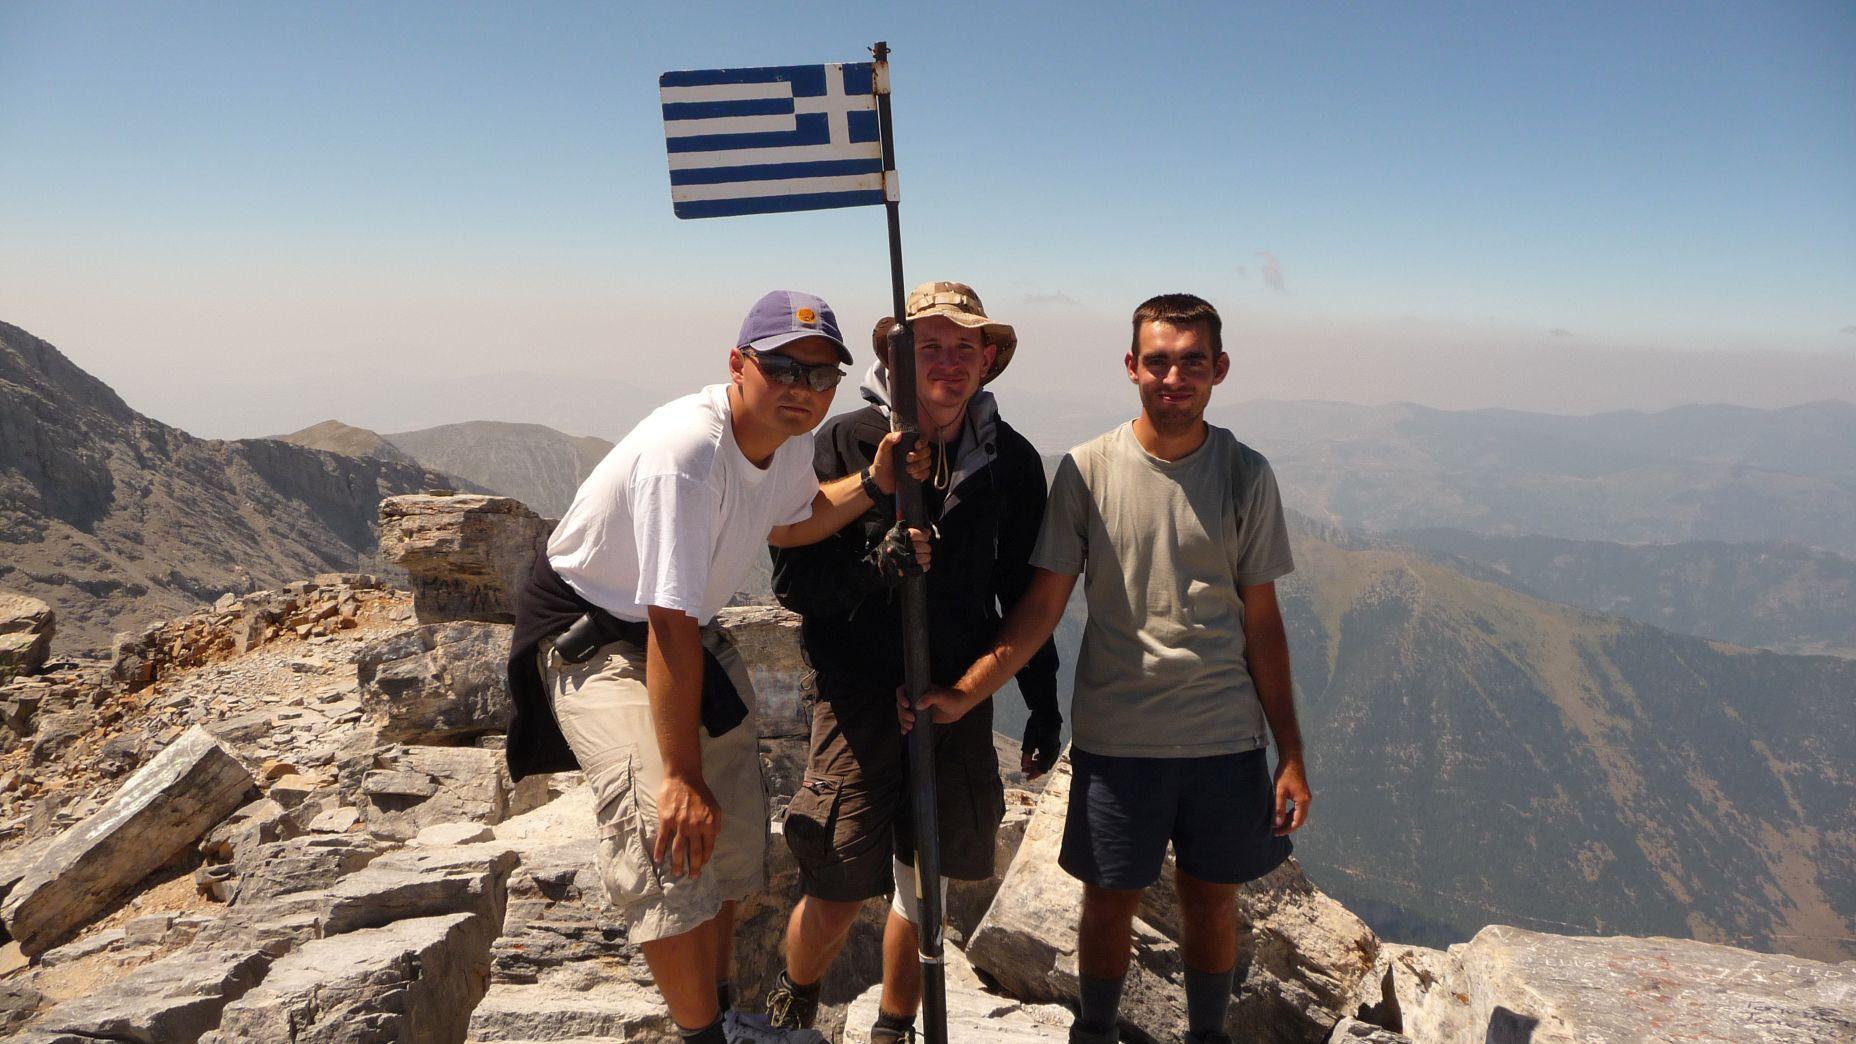 Grecja - Podstawowe informacje - przewodnik, zdjęcia, atrakcje